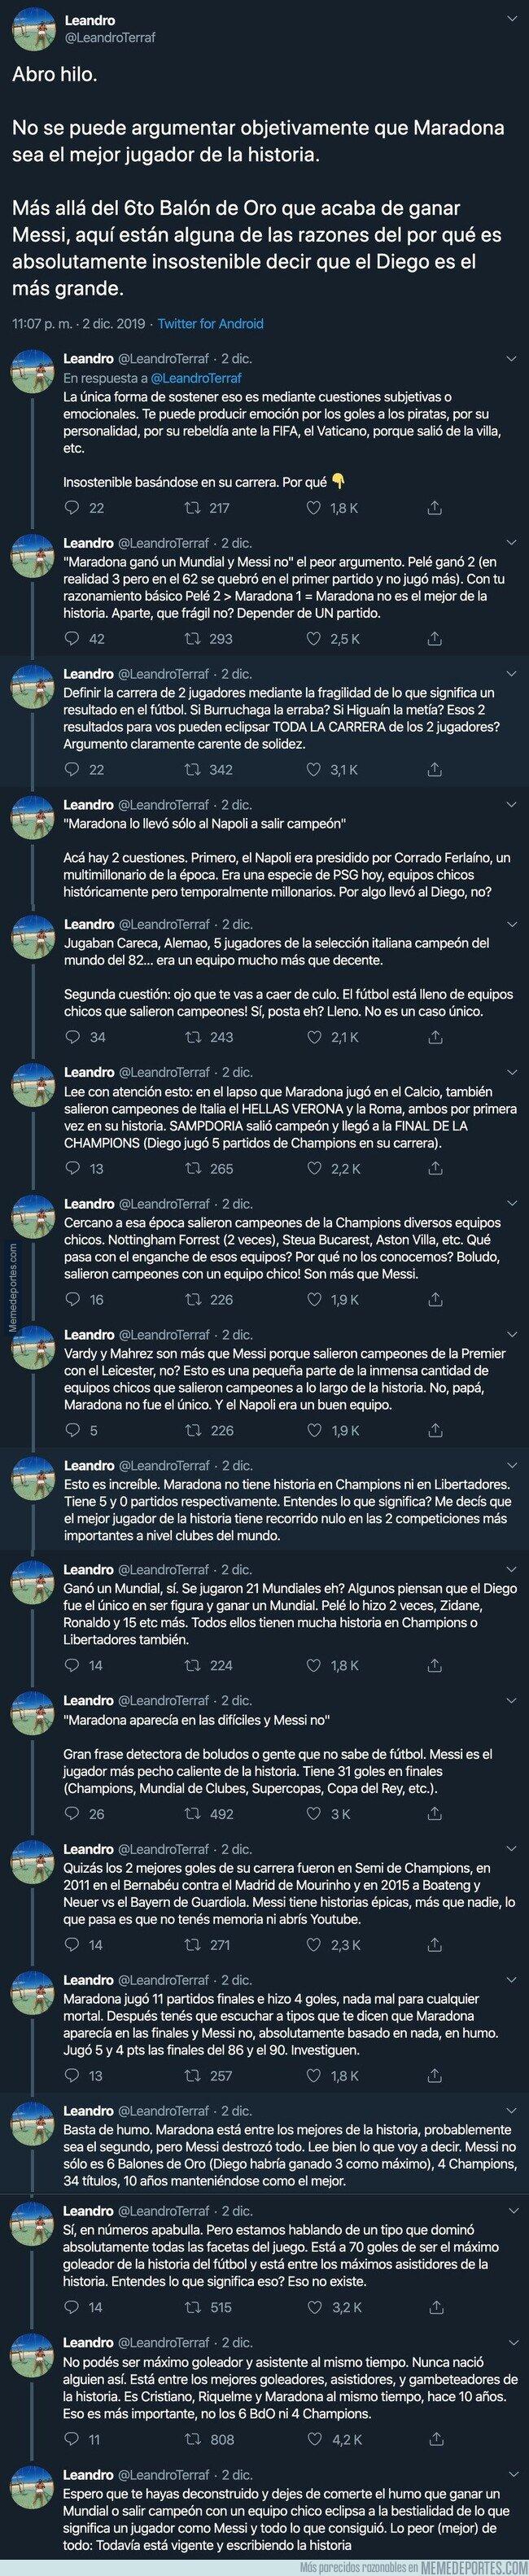 1092749 - Crean un hilo en el que explican el motivo por el que Maradona no es el más grande de todoslos tiempos y los motivos son más que convincentes